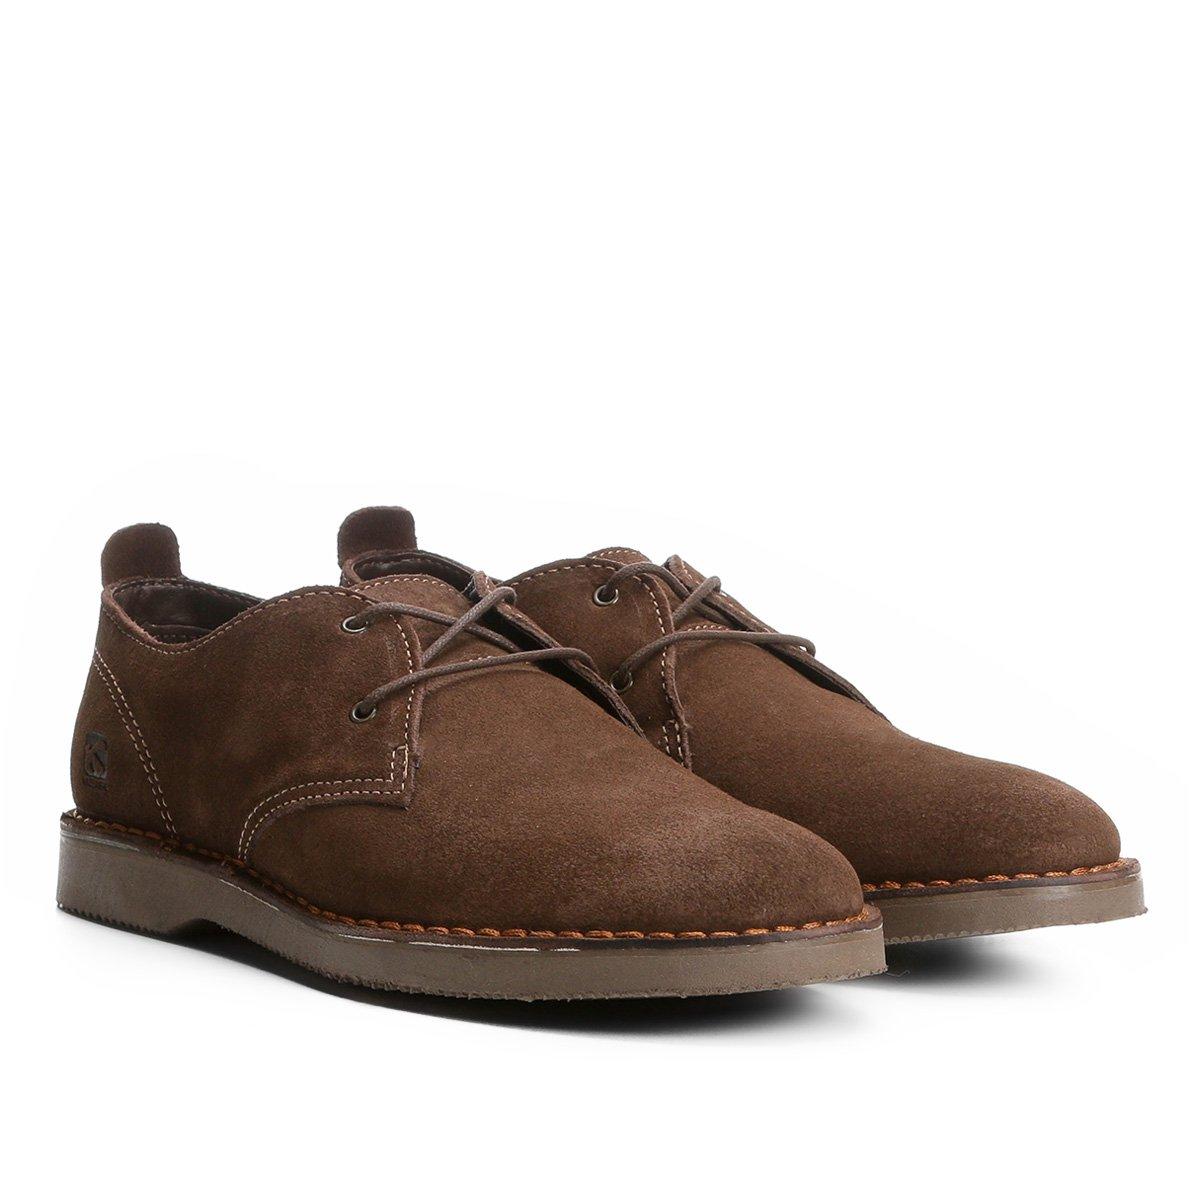 428d7874d2 Sapato Casual Kildare Filey Camurça Masculino